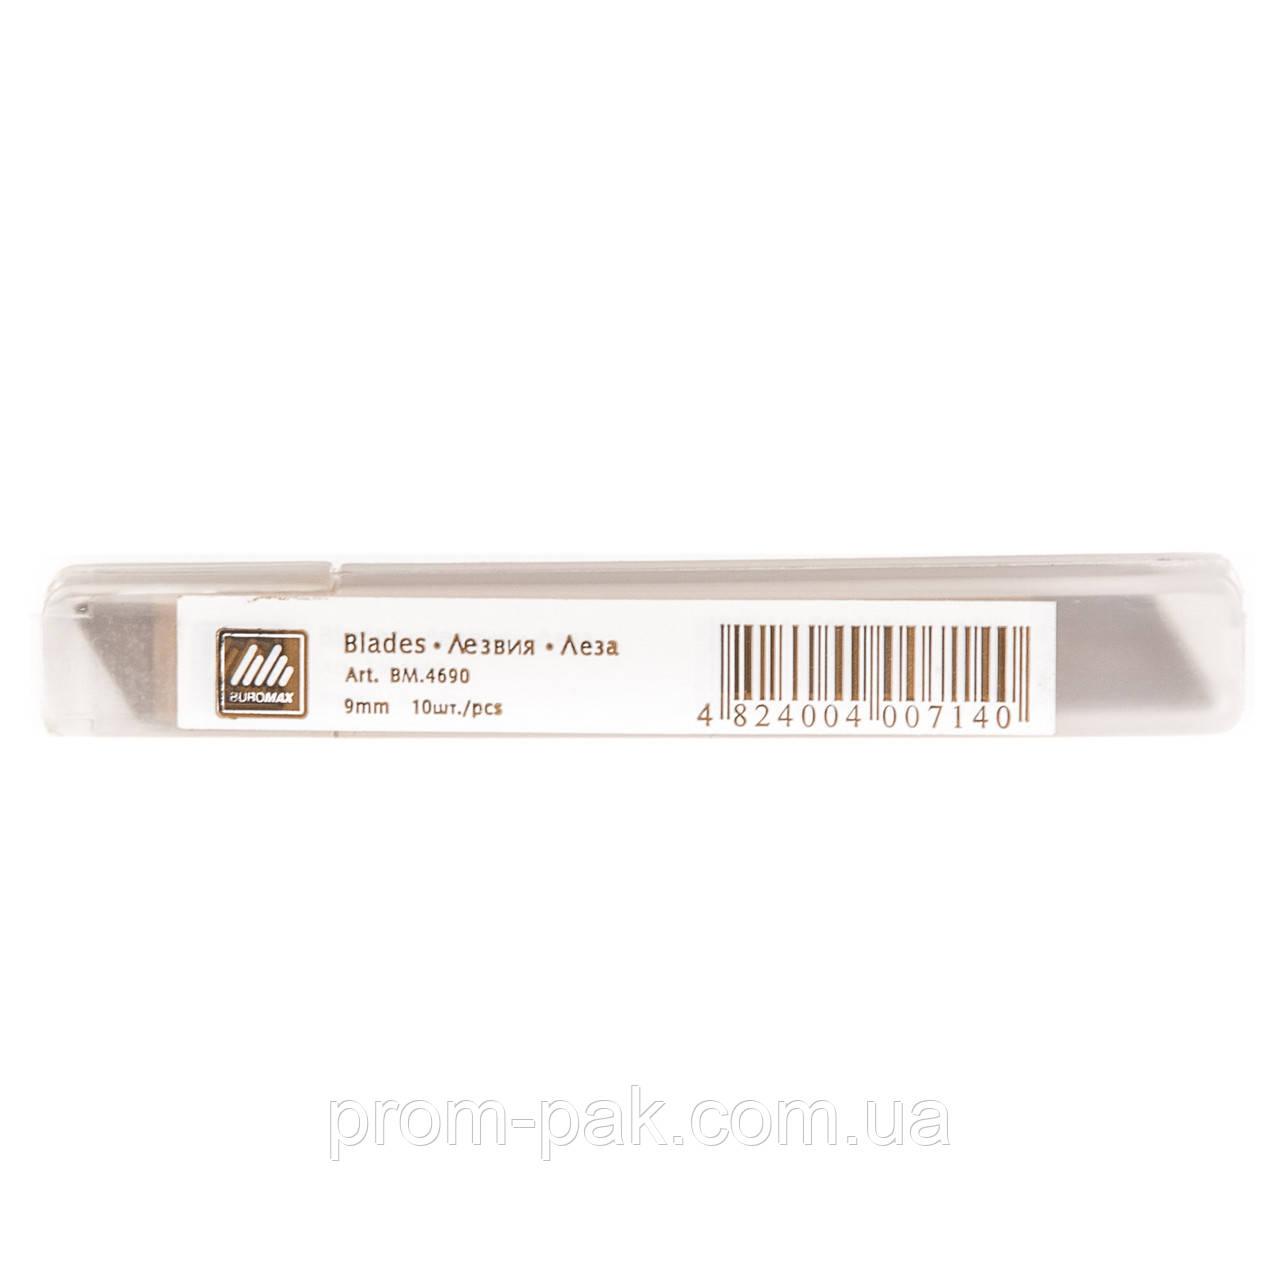 Лезвия для канцелярского ножа  9мм (10шт) ВМ.4690